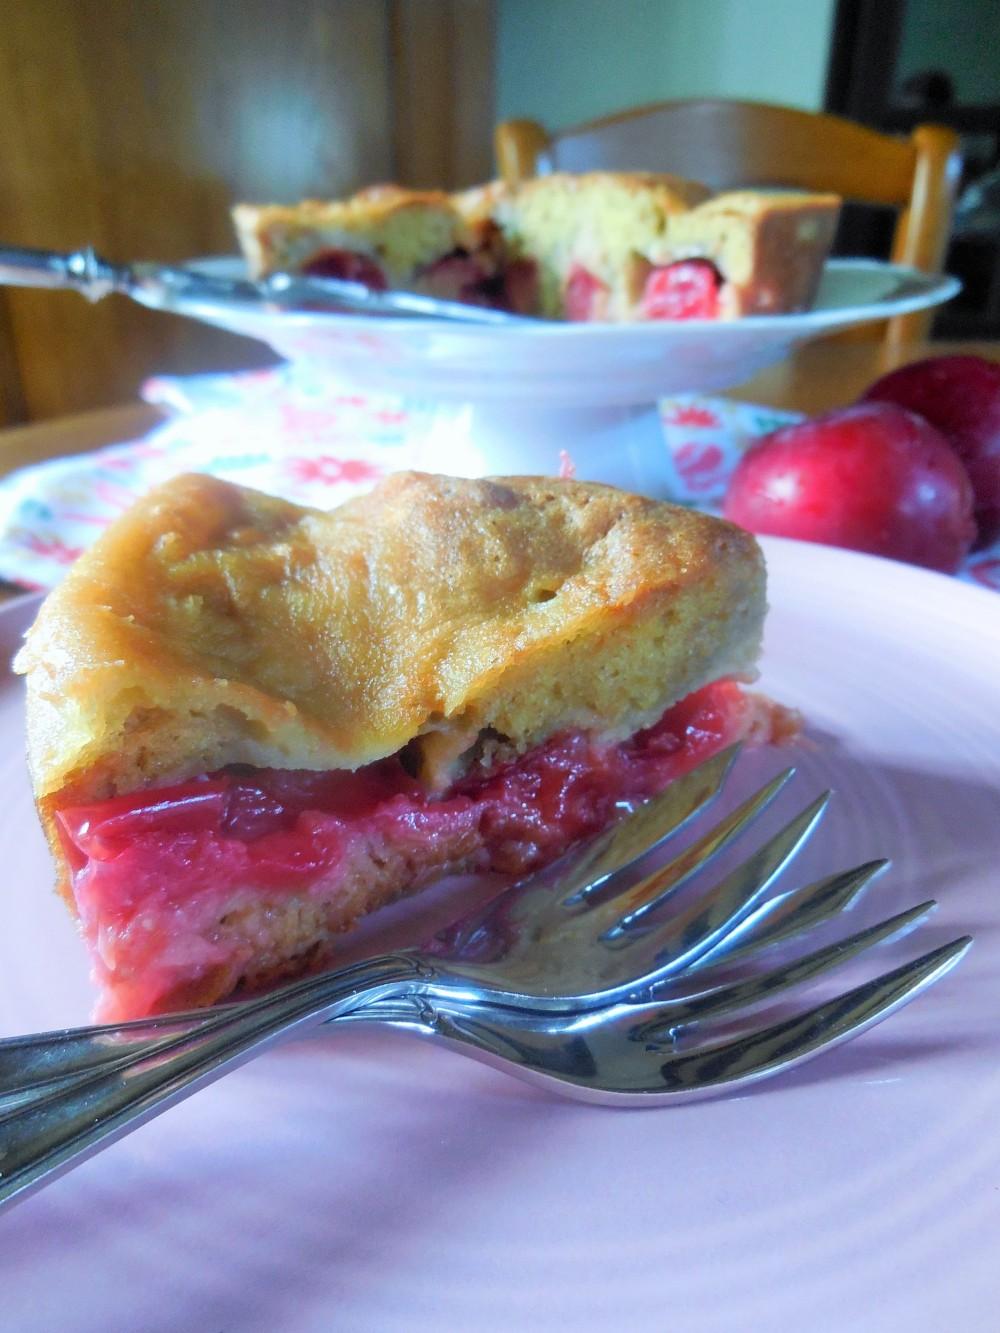 gateau-aux-prunes-rubycrunch (1)